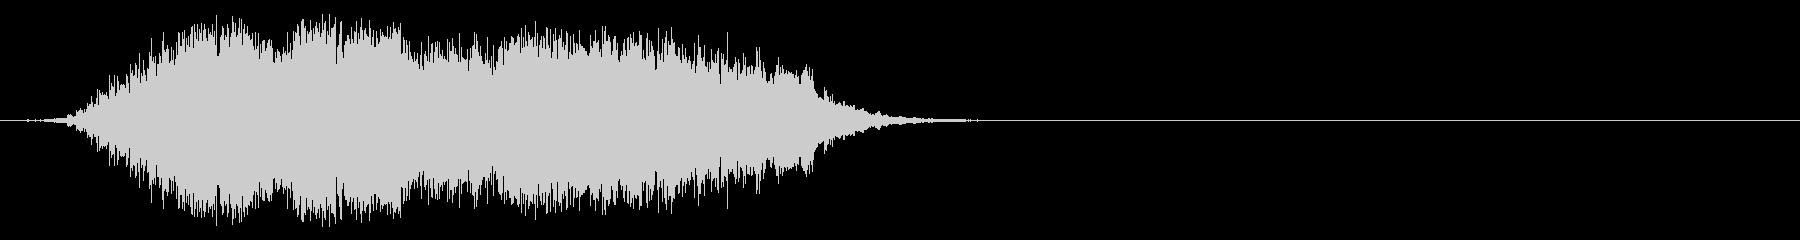 ワールド・ミュージック系ジングルの未再生の波形